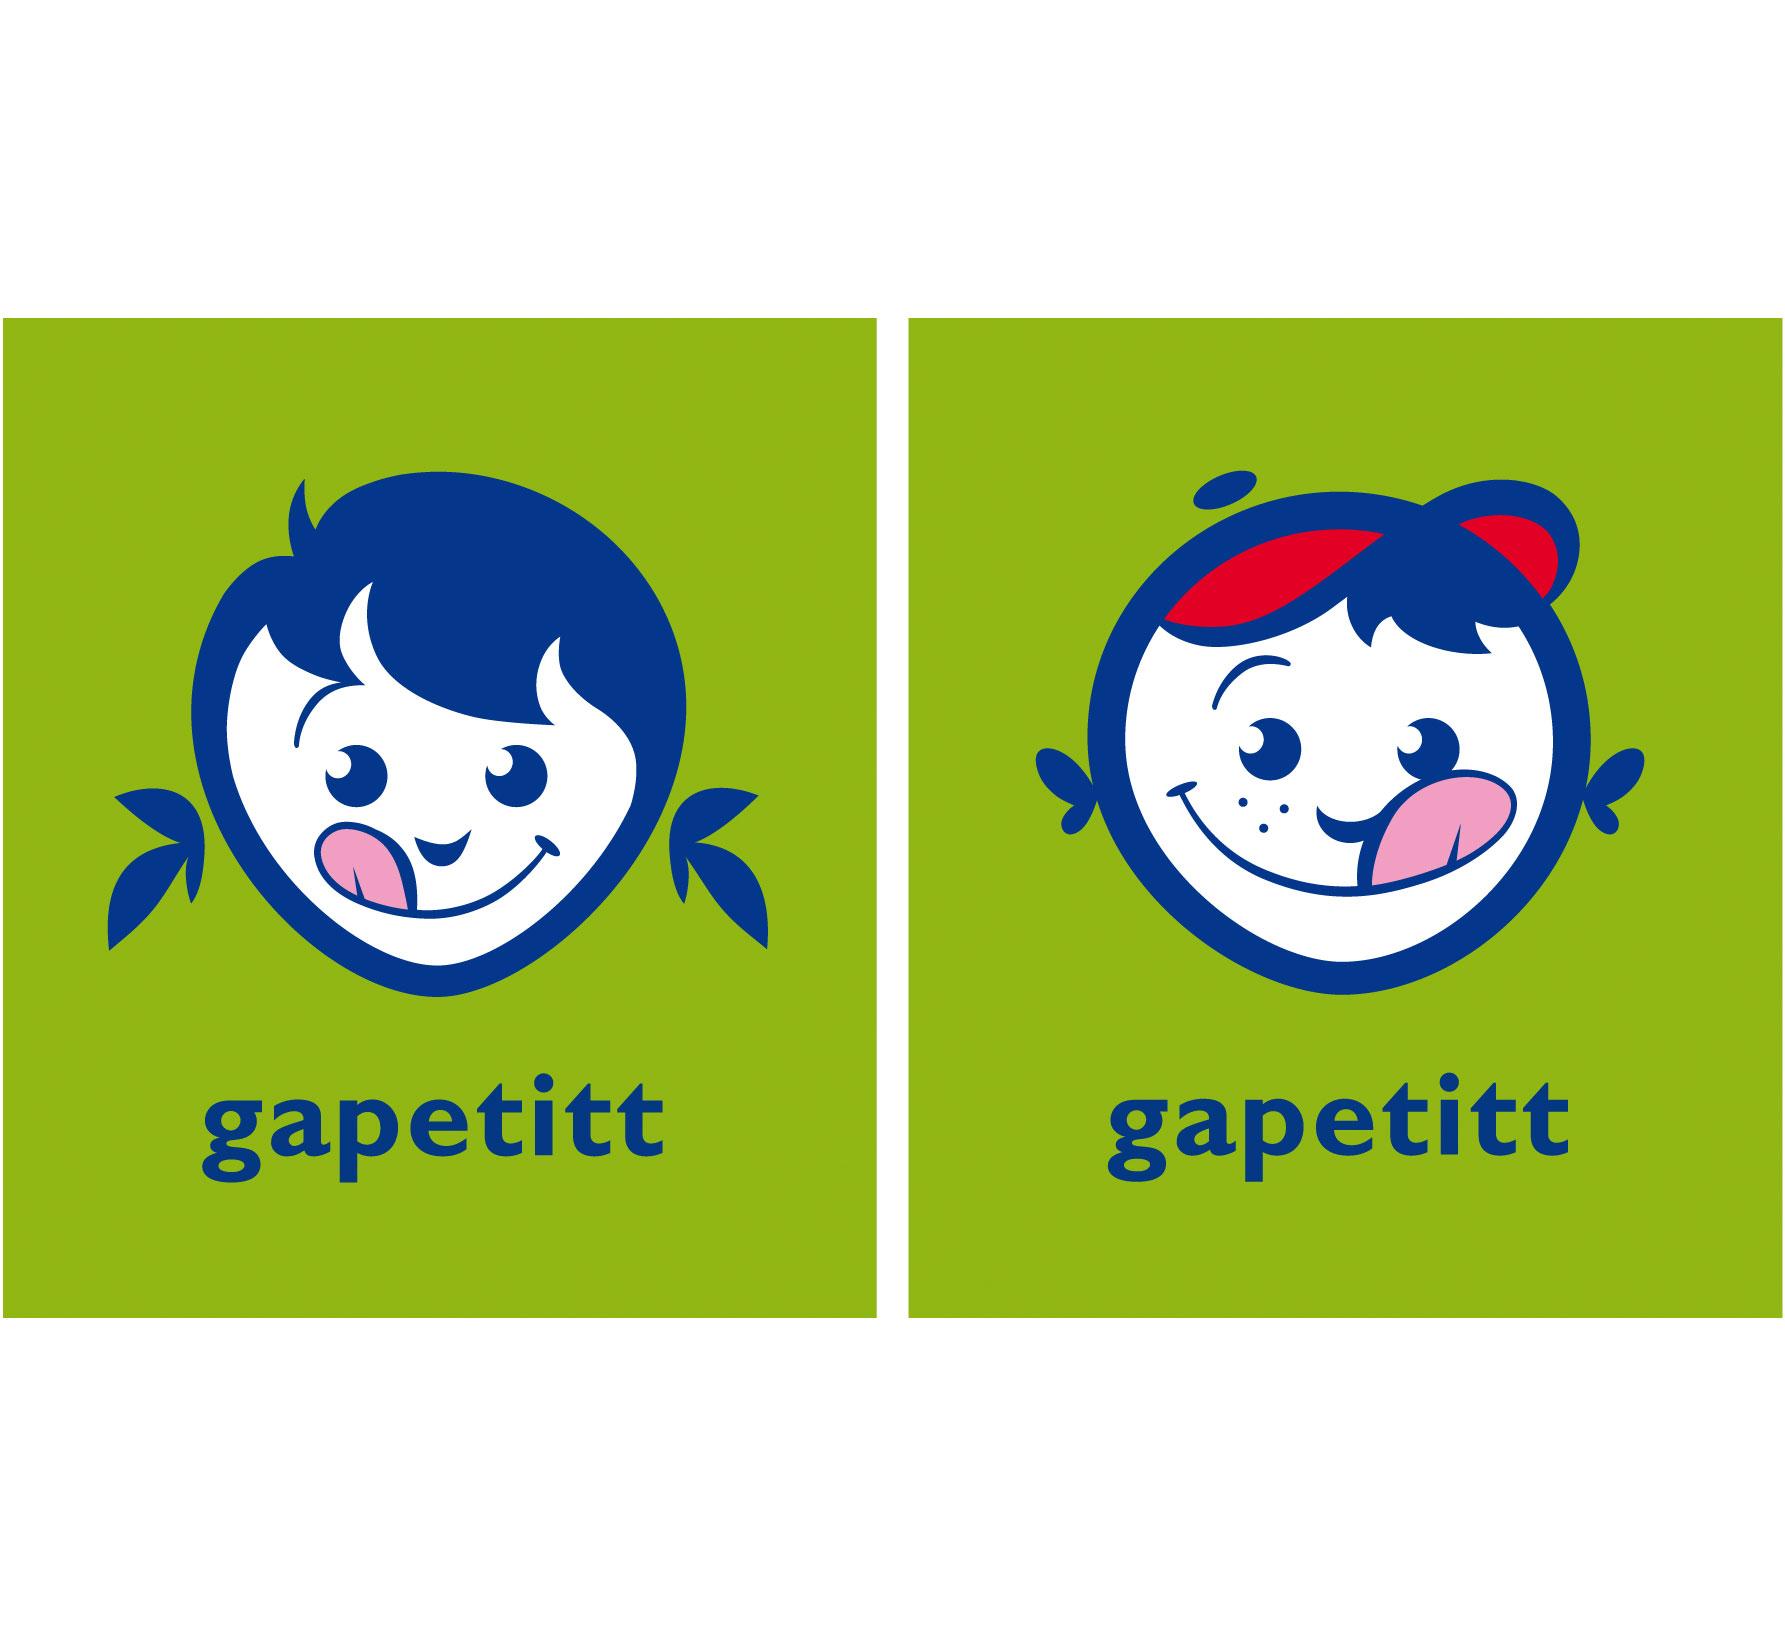 Lars Rehnberg | Gapetitt. Characters for Tine mejerier